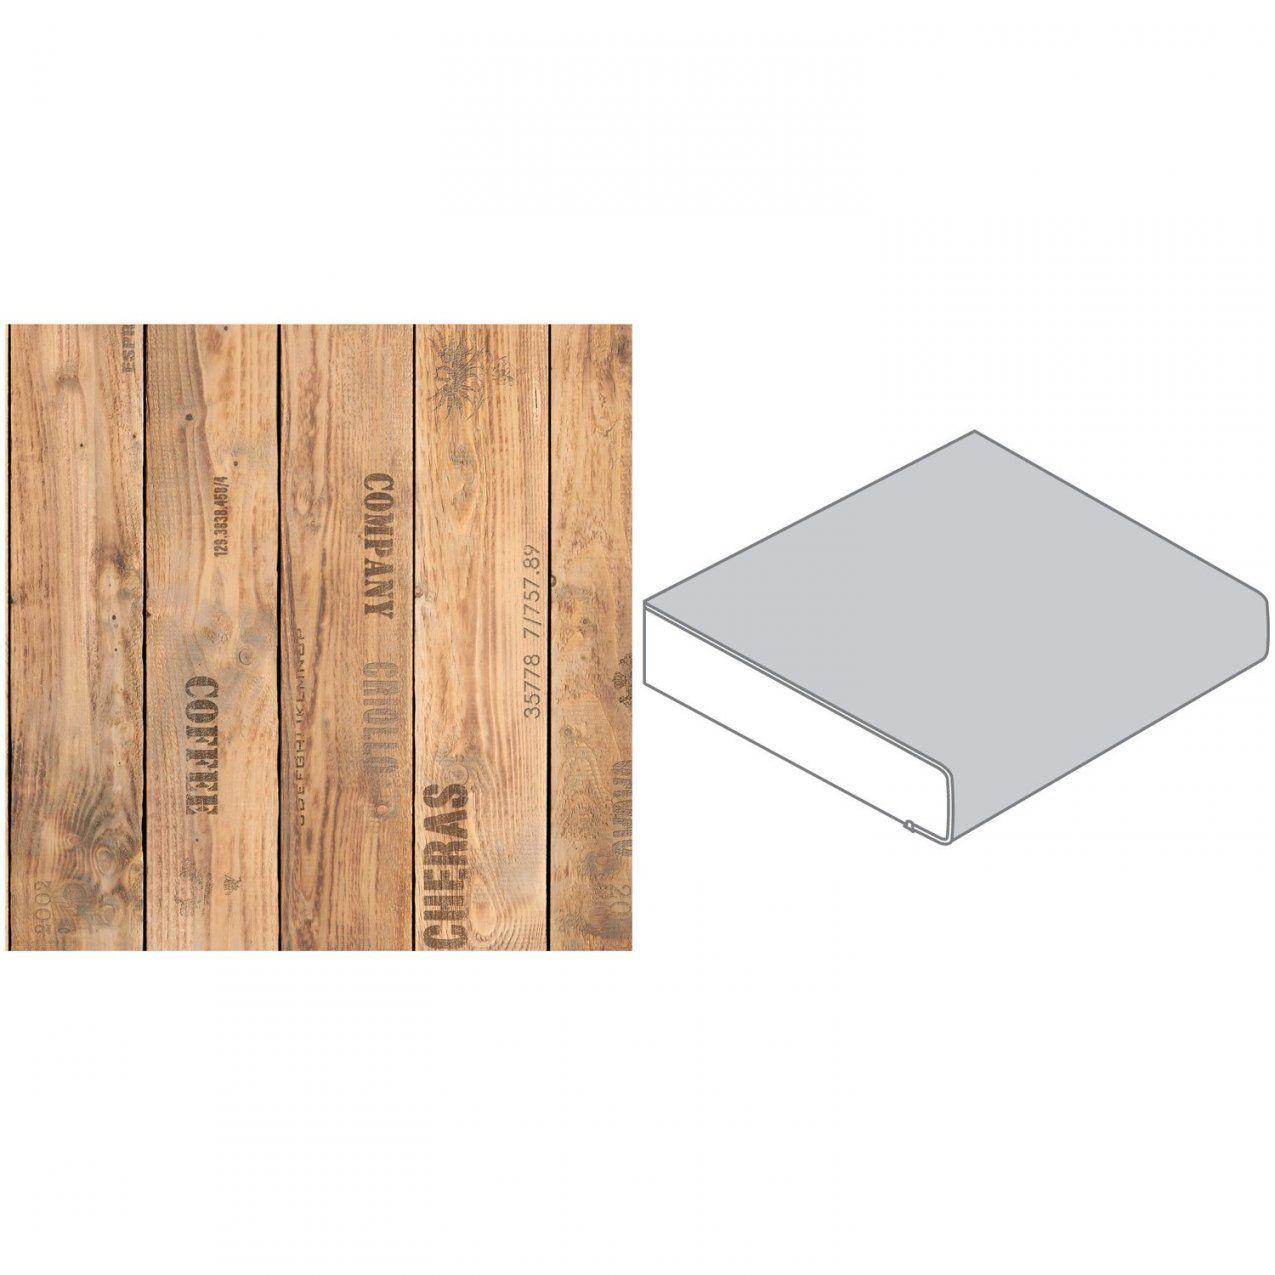 Arbeitsplatte 60 Cm X 39 Cm Holzkiste Holznachbildung (Fi 420 von Arbeitsplatten Nach Maß Obi Bild